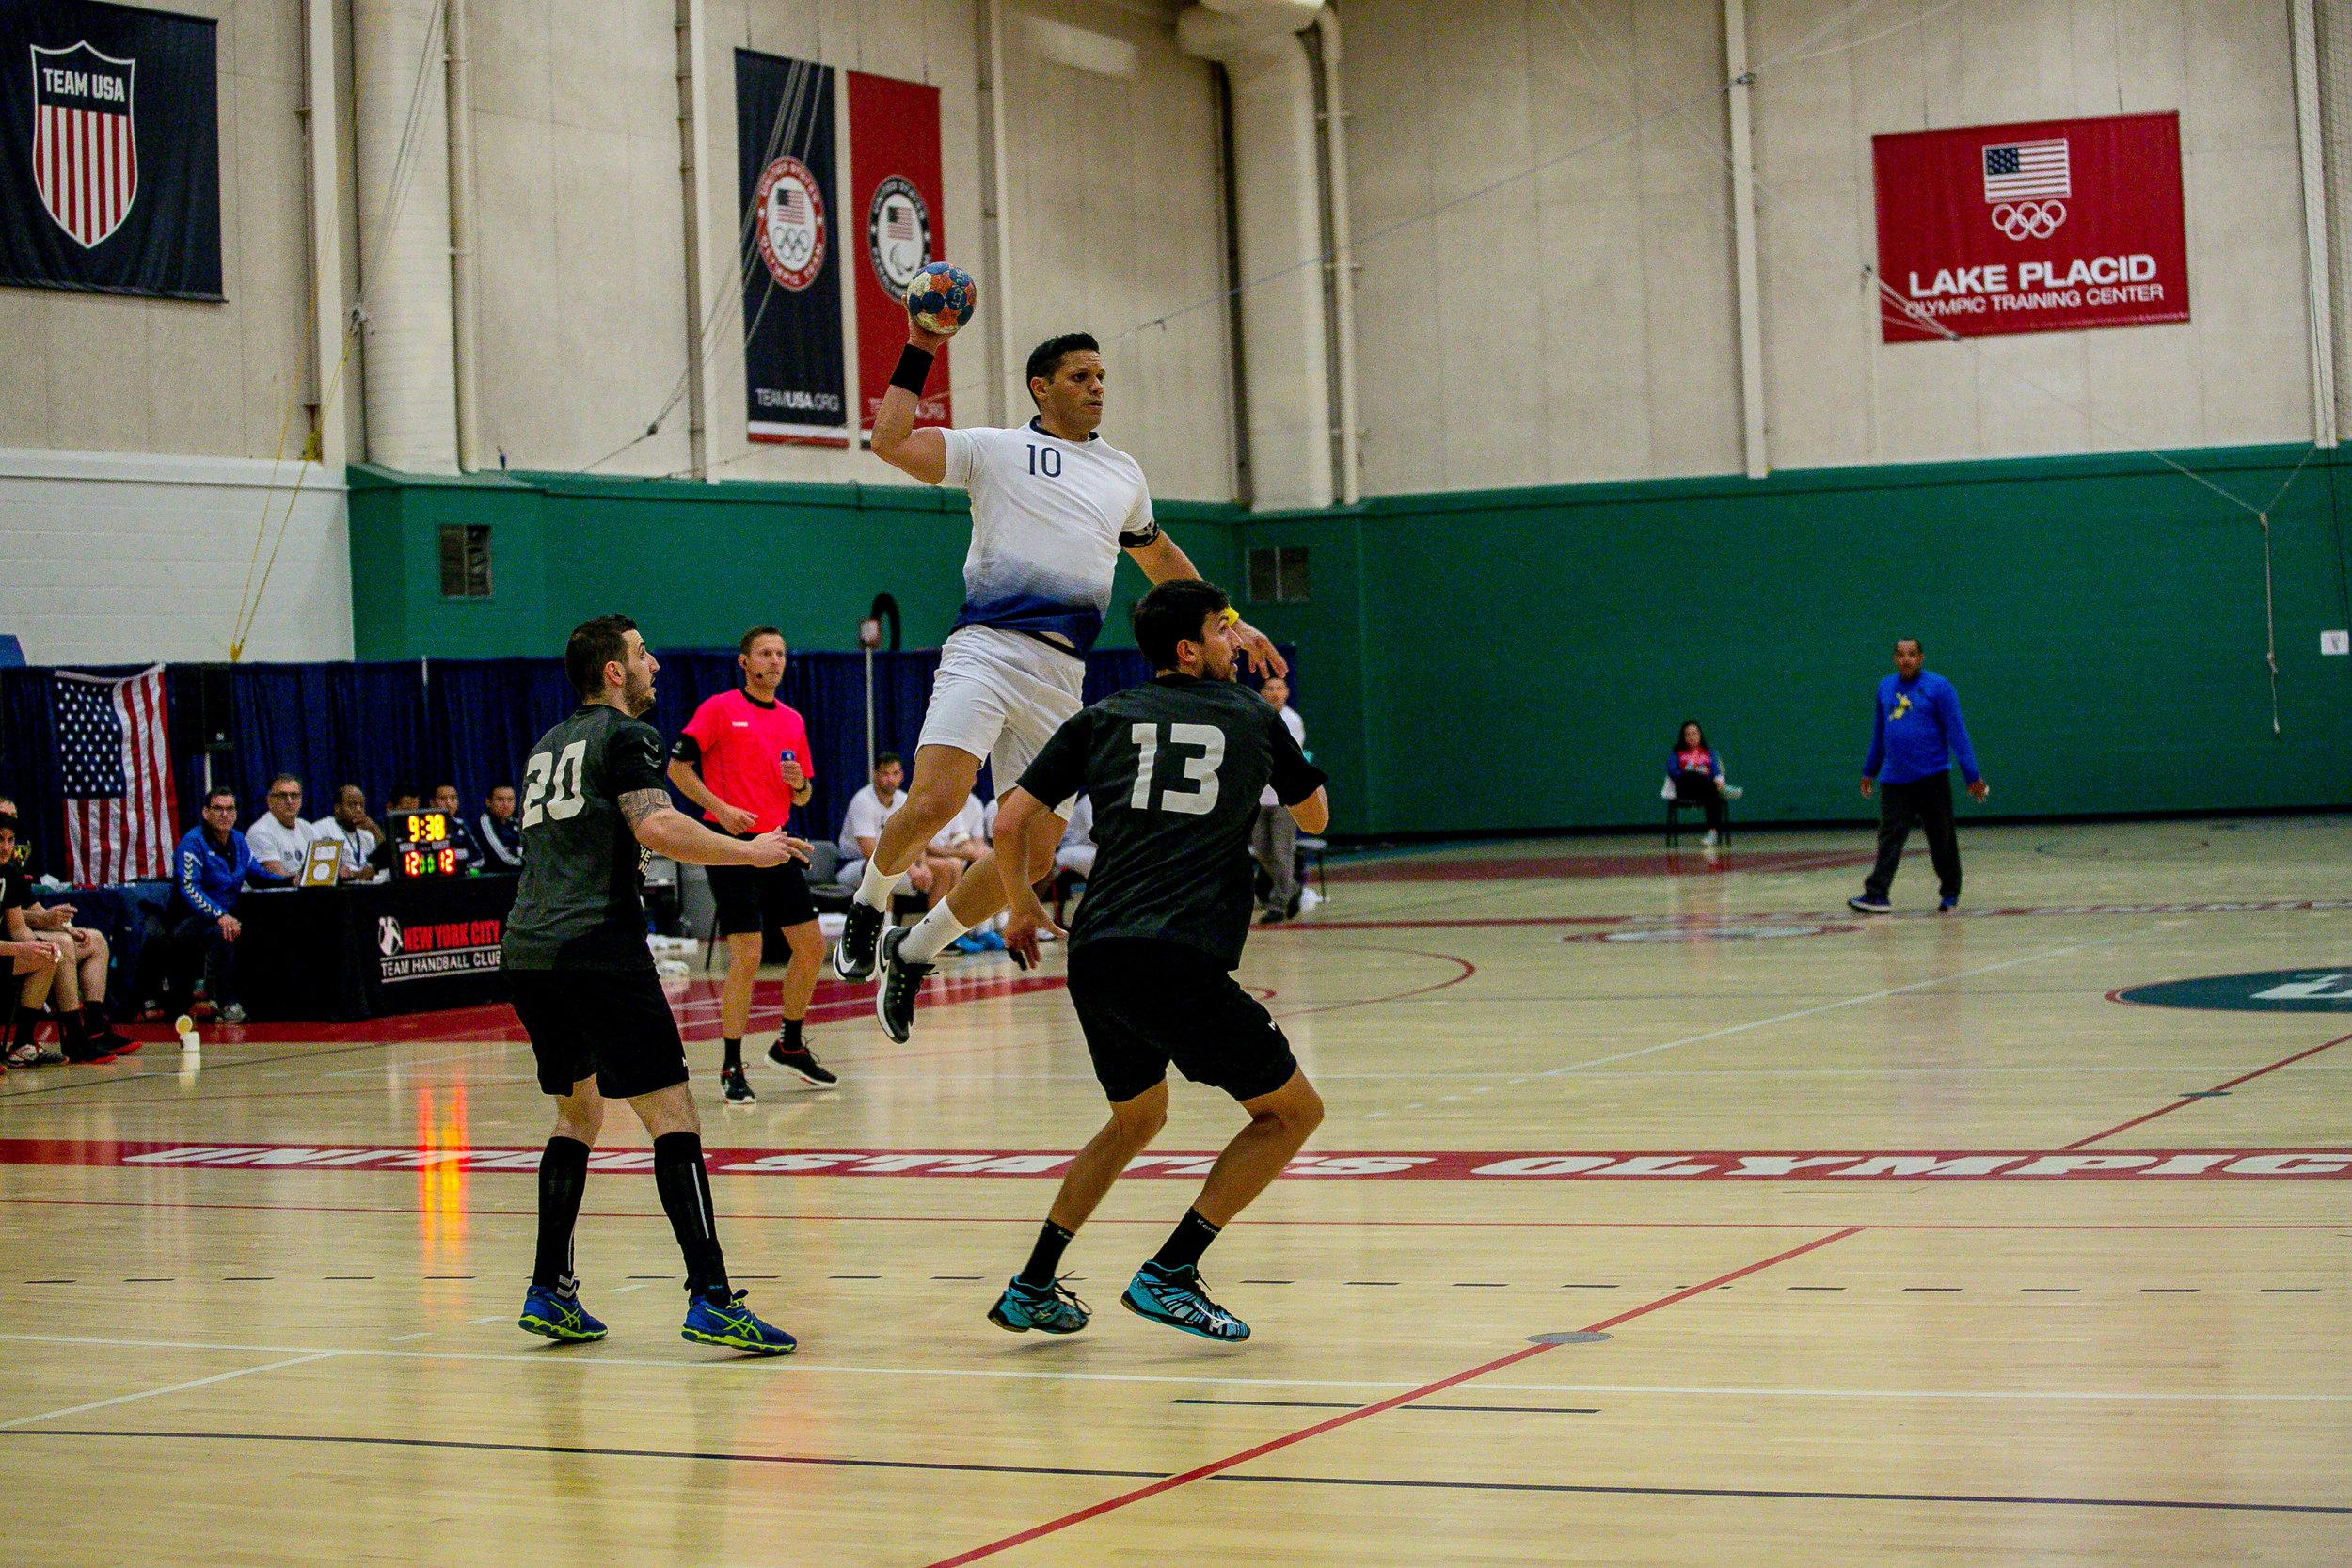 Gil Pires #10 - Los Angeles Team Handball Club